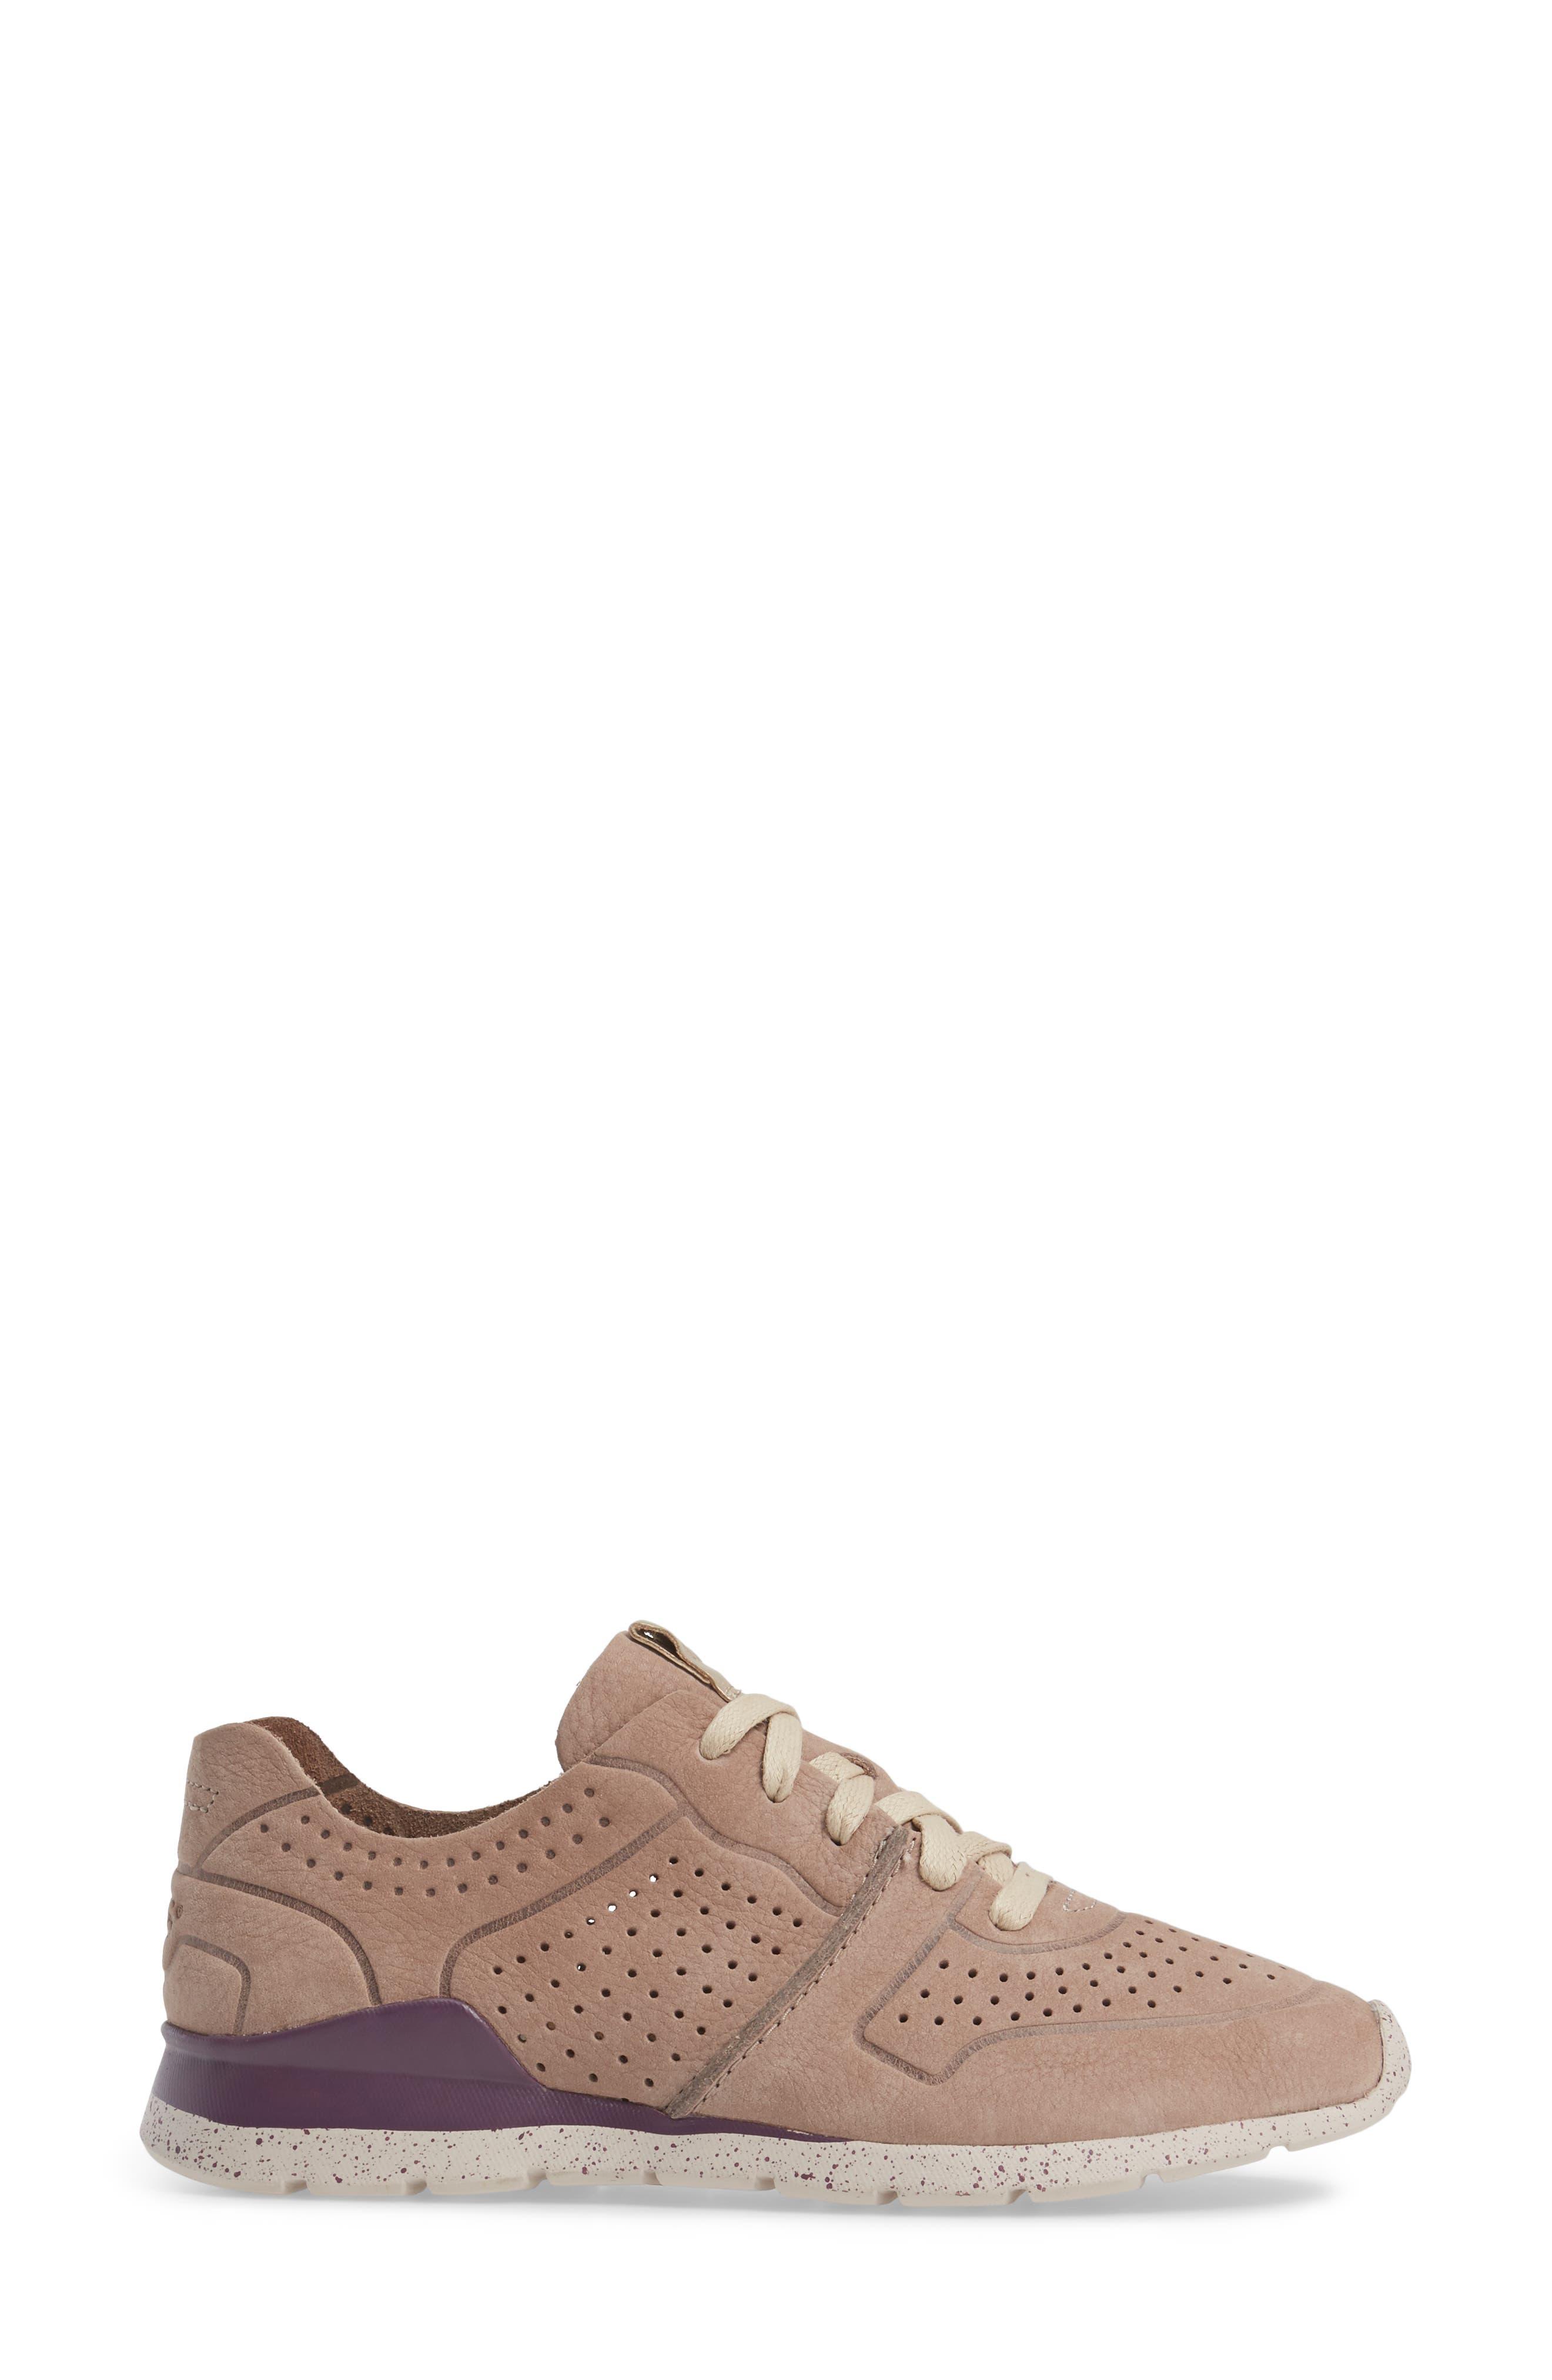 Alternate Image 3  - UGG® Tye Sneaker (Women)